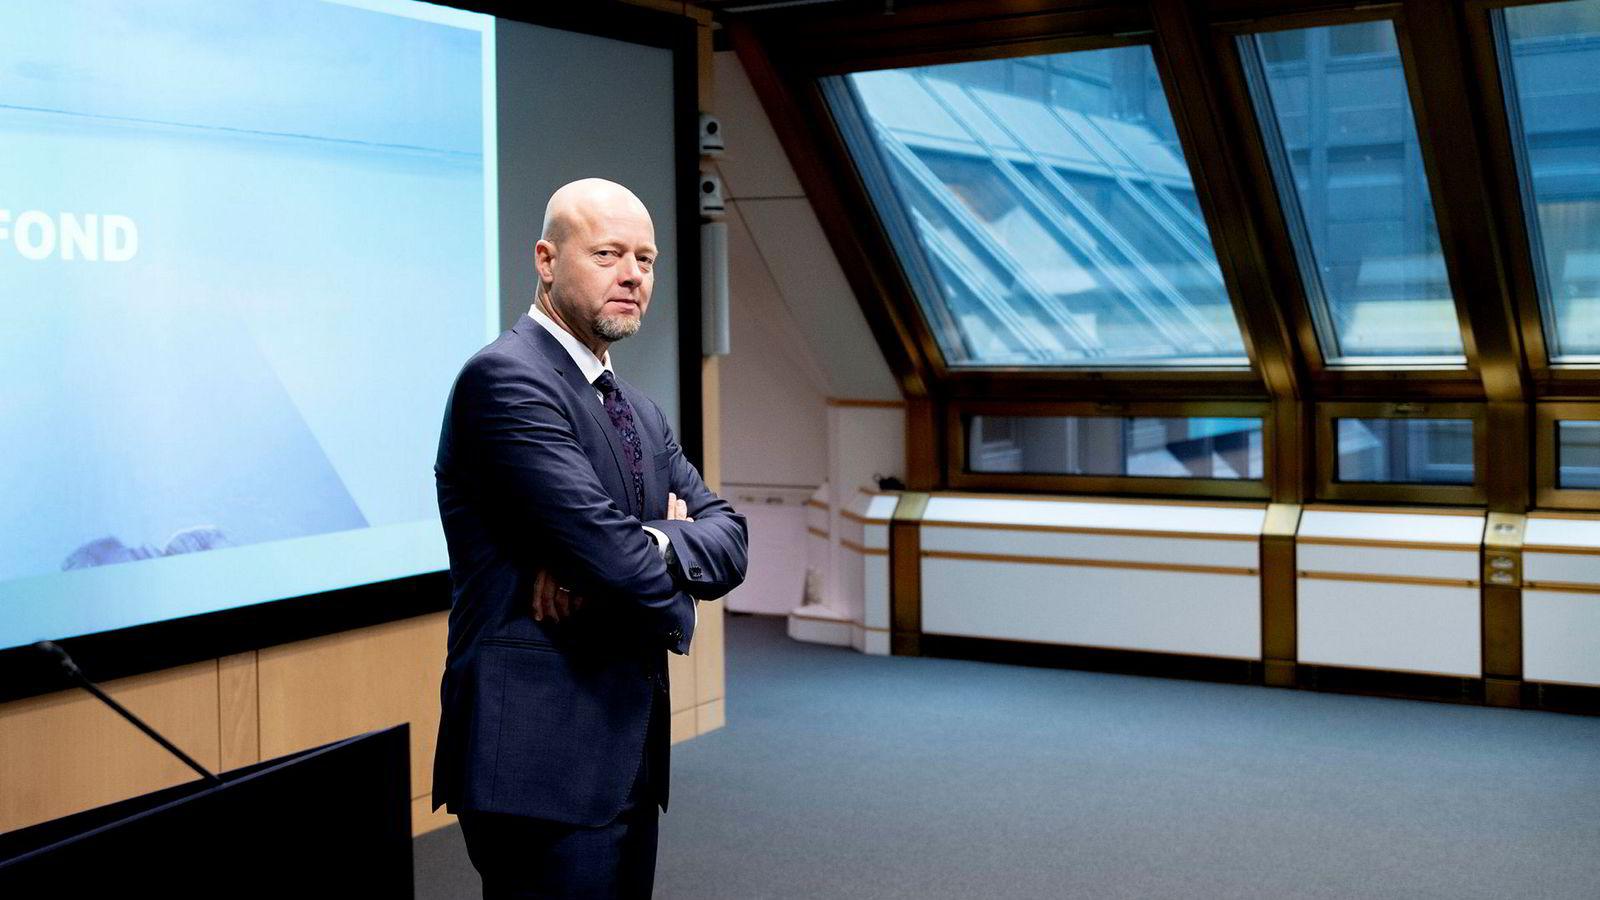 Yngve Slyngstad, sjef for oljefondet. Statens pensjonsfond utland presenterte i dag tallene for tredje kvartal 2018.